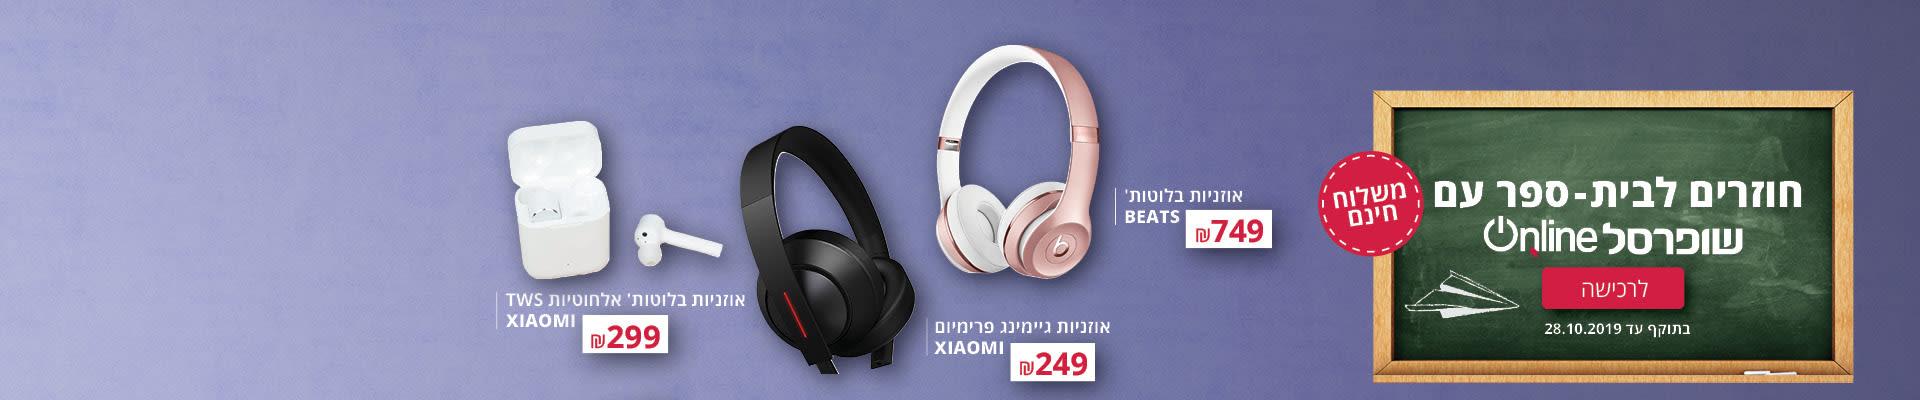 חוזרים לבית-ספר עם שופרסל online : אוזניות בלוטות' BEATS 749 ₪ , אוזניות גיימינג פרימיום XIAOMI 249 ₪ , אוזניות בלוטות' אלחוטיות XIAOMI 299 ₪ .